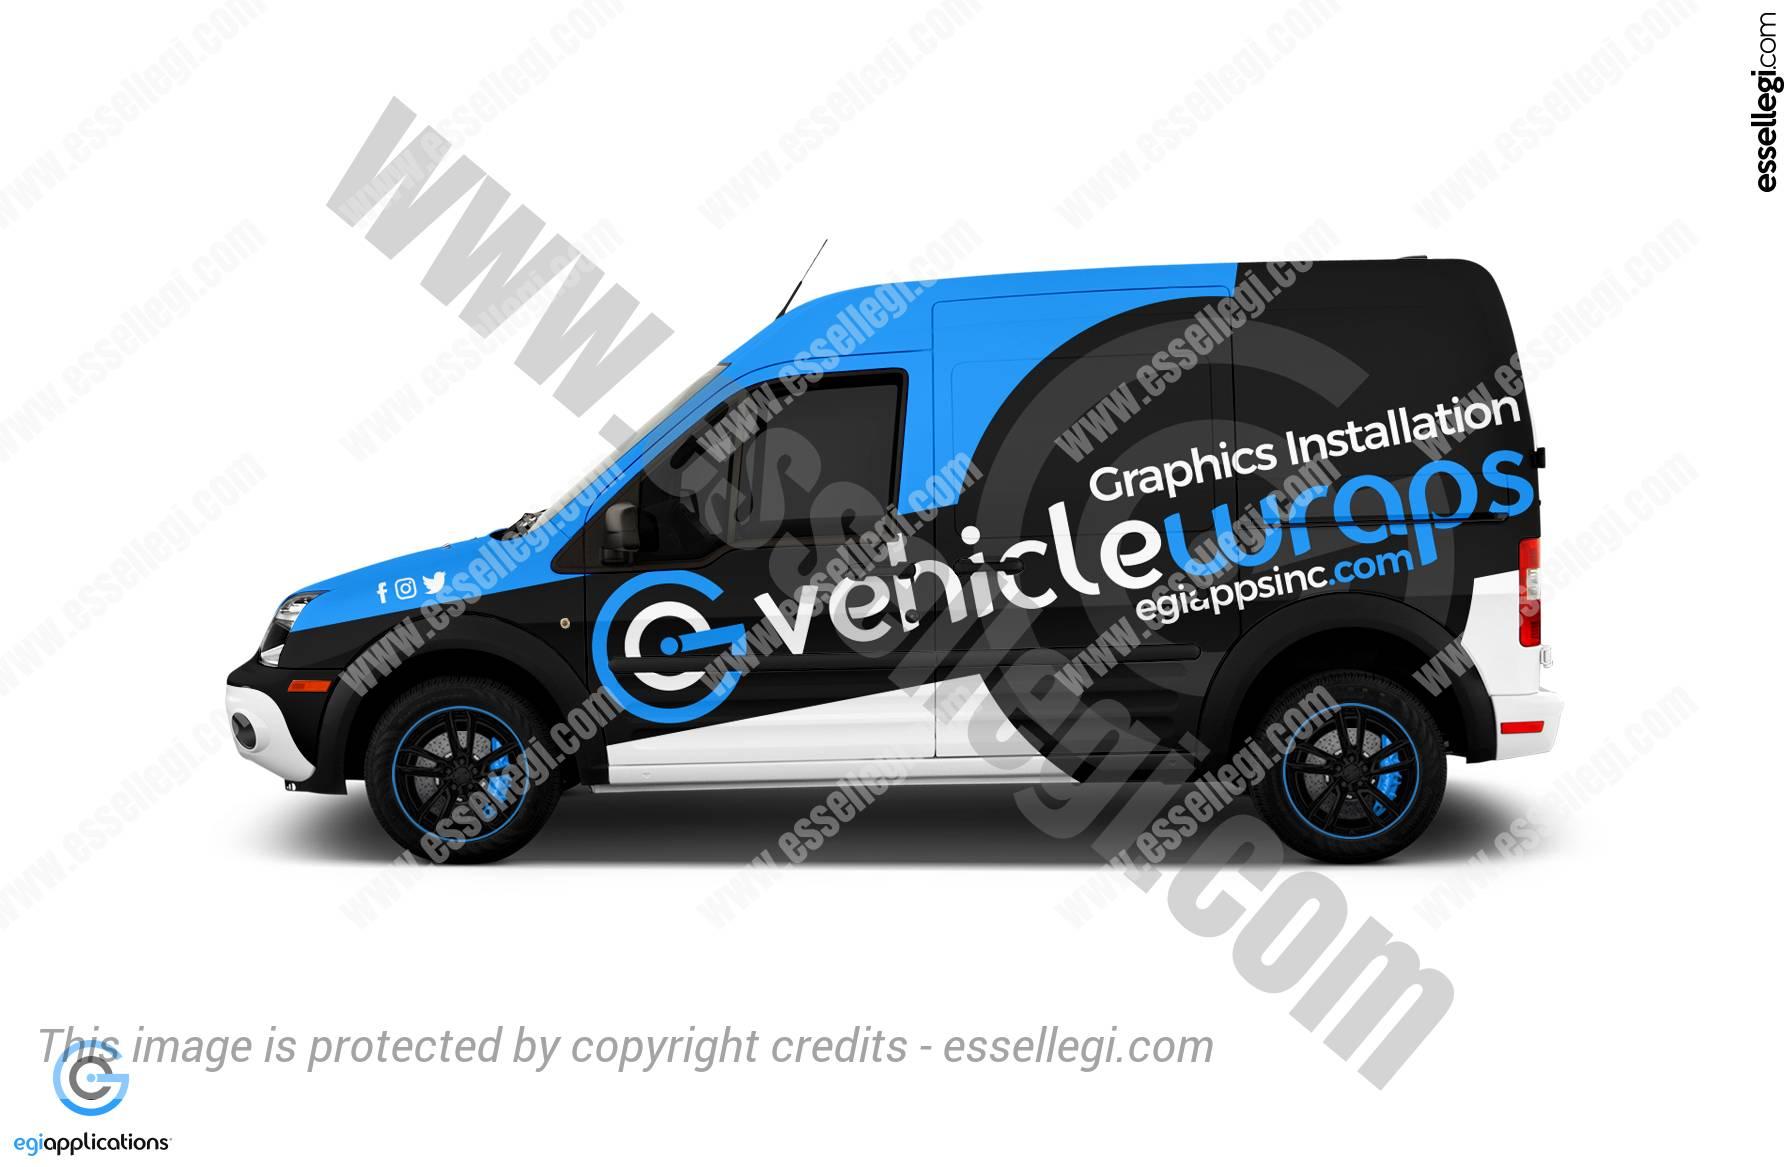 Ford Transit Connect Wrap. Ford Transit Connect | Van Wrap Design by Essellegi. Van Signs, Van Signage, Van Wrapping, Van Signwriting, Van Wrap Designer, Signs for Van, Van Logo, Van Graphic by Essellegi.